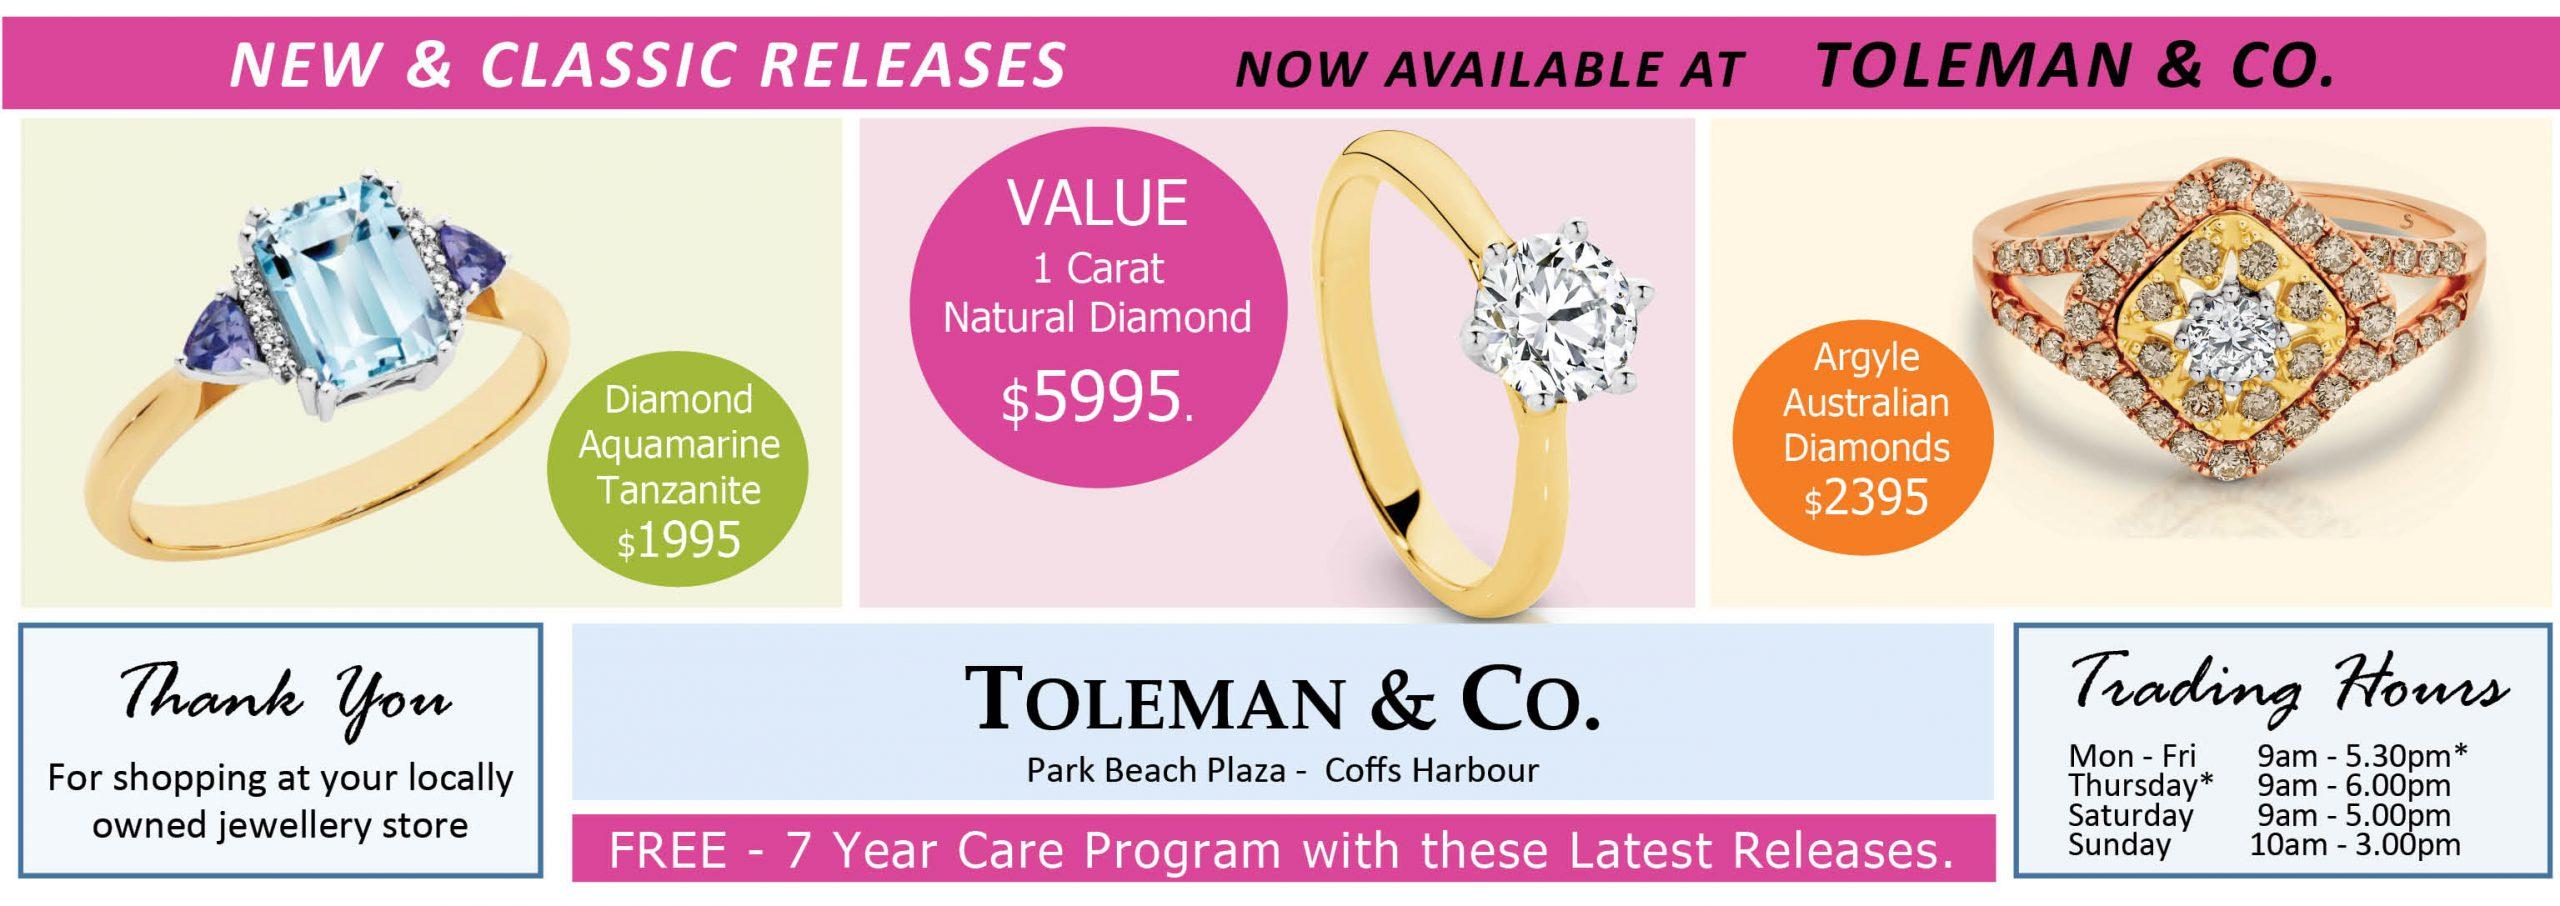 Toleman & Co